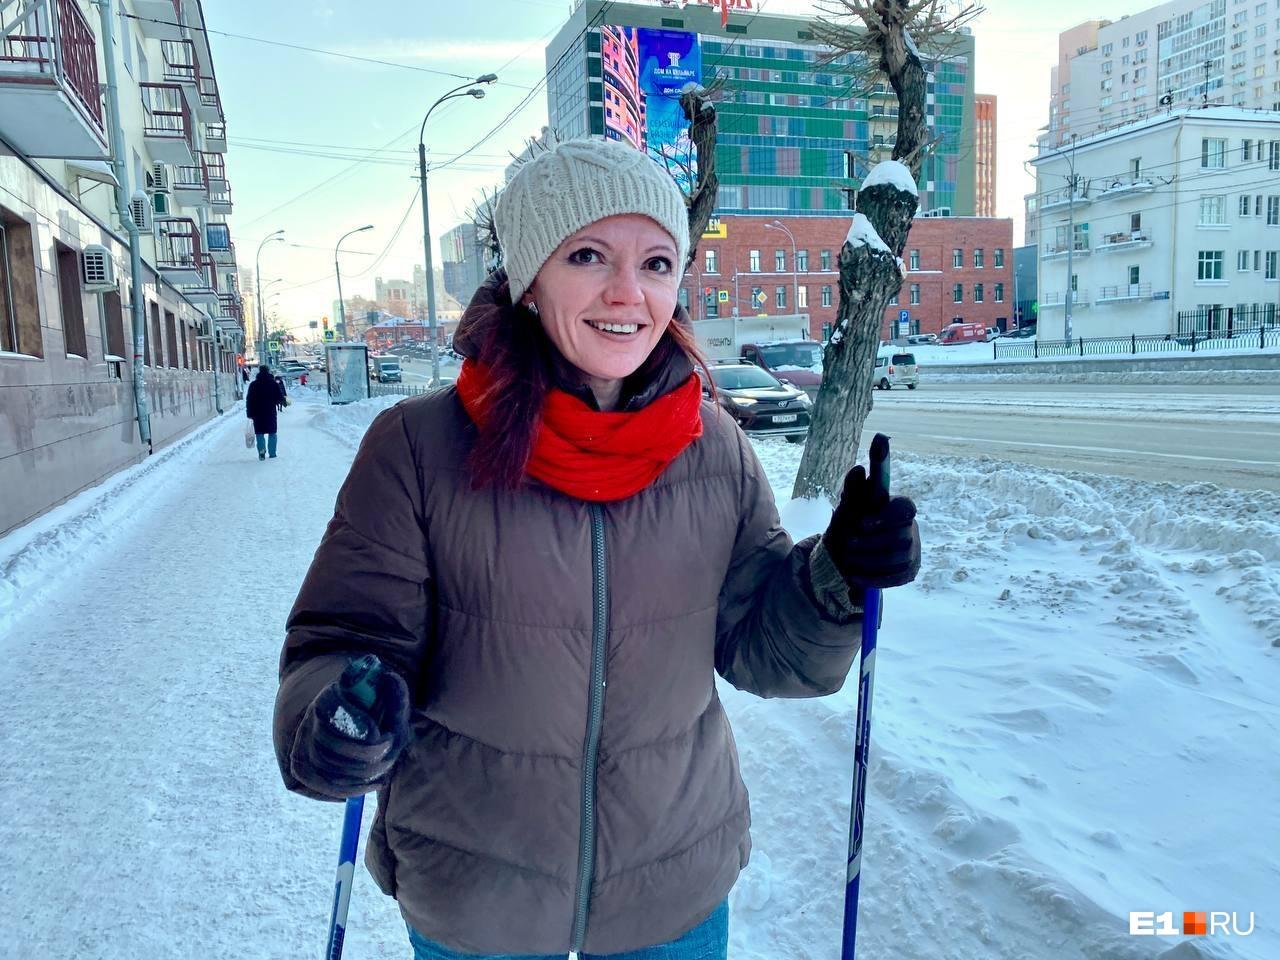 По Московской лыжи отлично скользят, особенно под горку, но досаждает сильный ветер